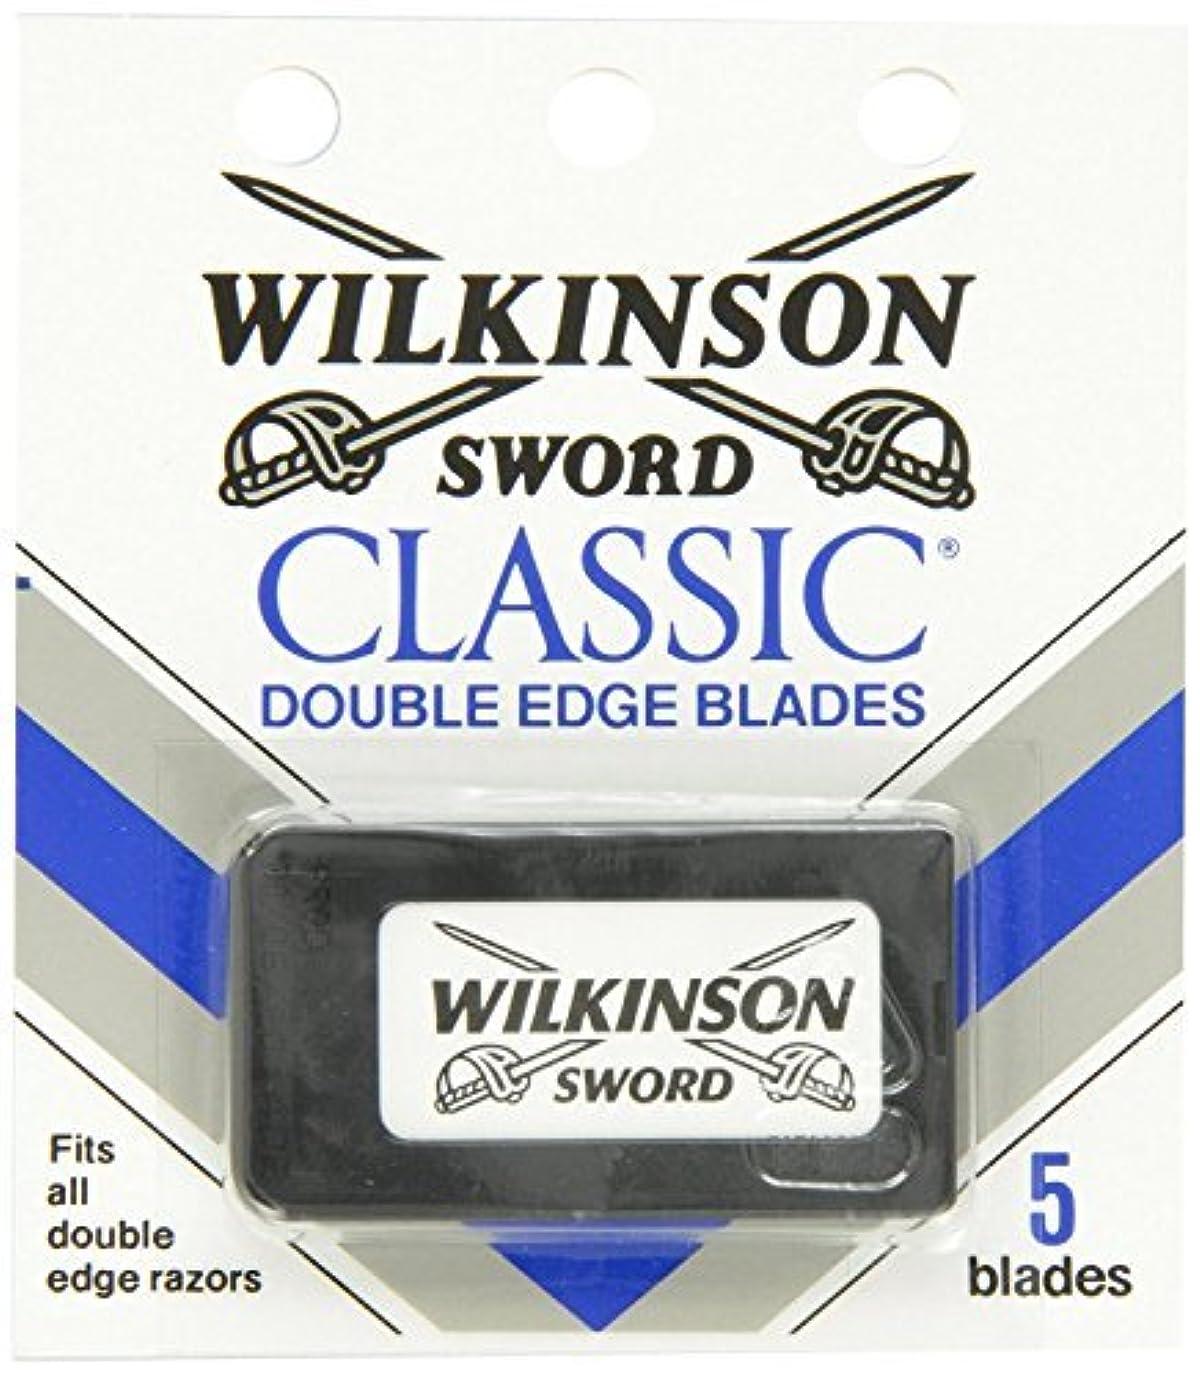 ペデスタル熱狂的なとんでもないウィルキンソン ソード (Wilkinson Sword) ドイツ製 両刃替刃 5枚 [並行輸入品]